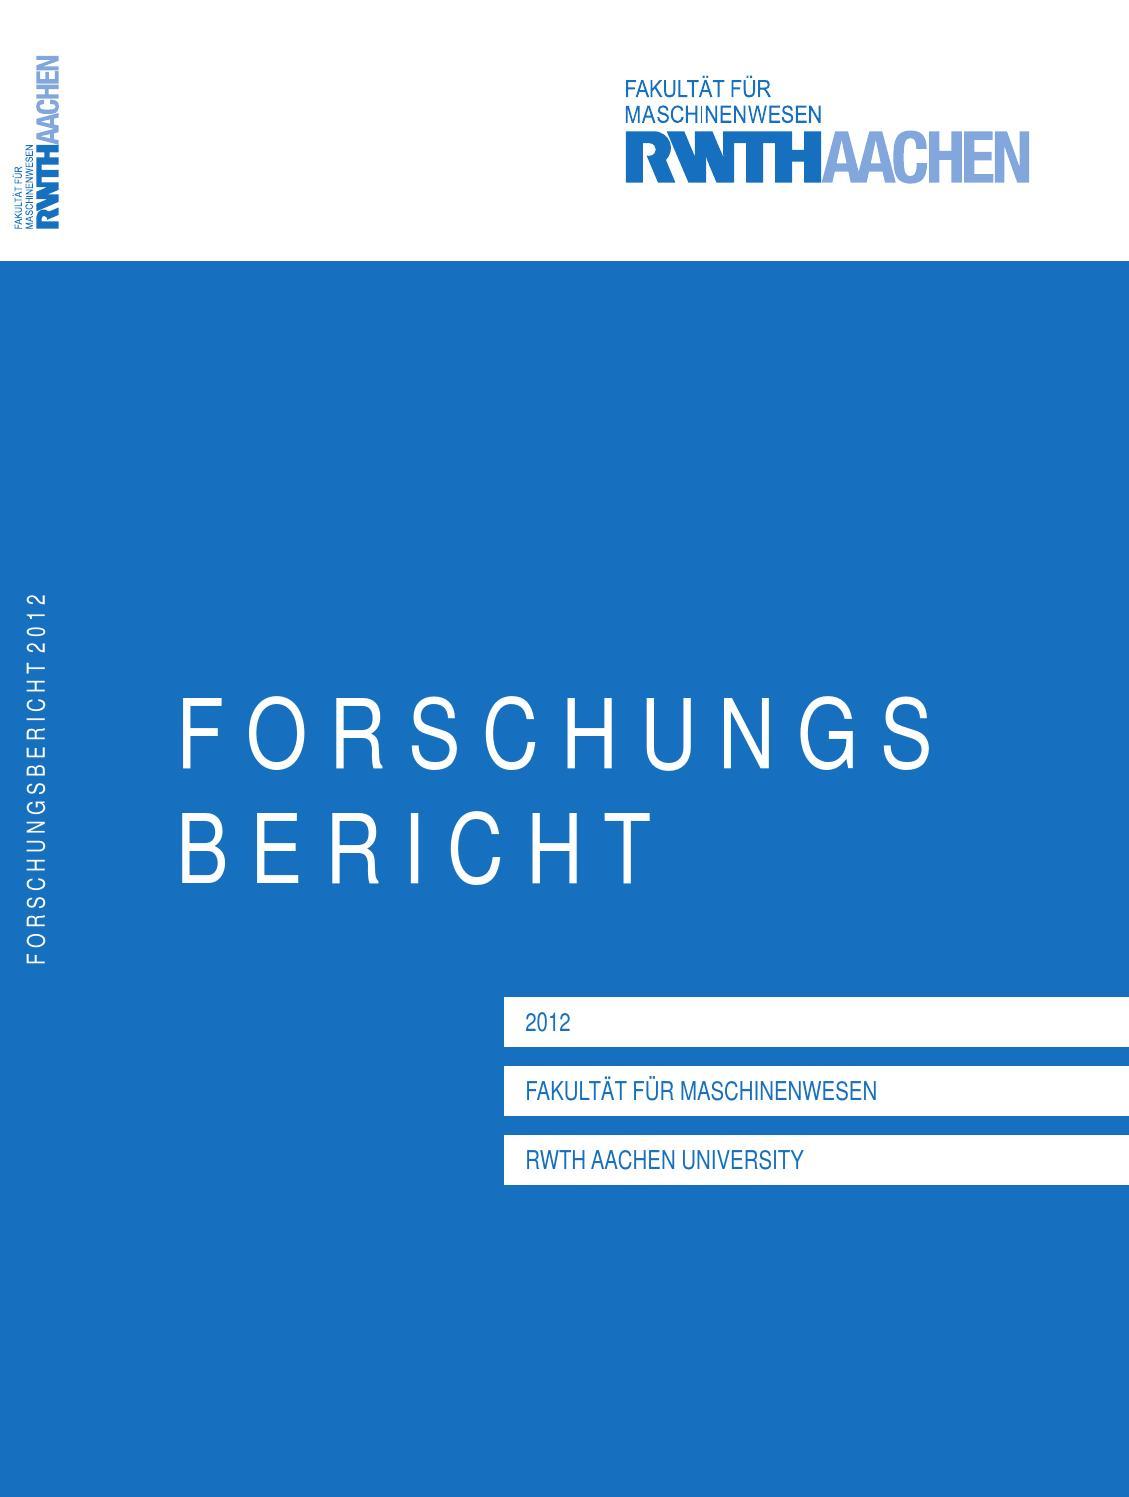 Forschungsbericht 2012 by Fakultät für Maschinenwesen - issuu